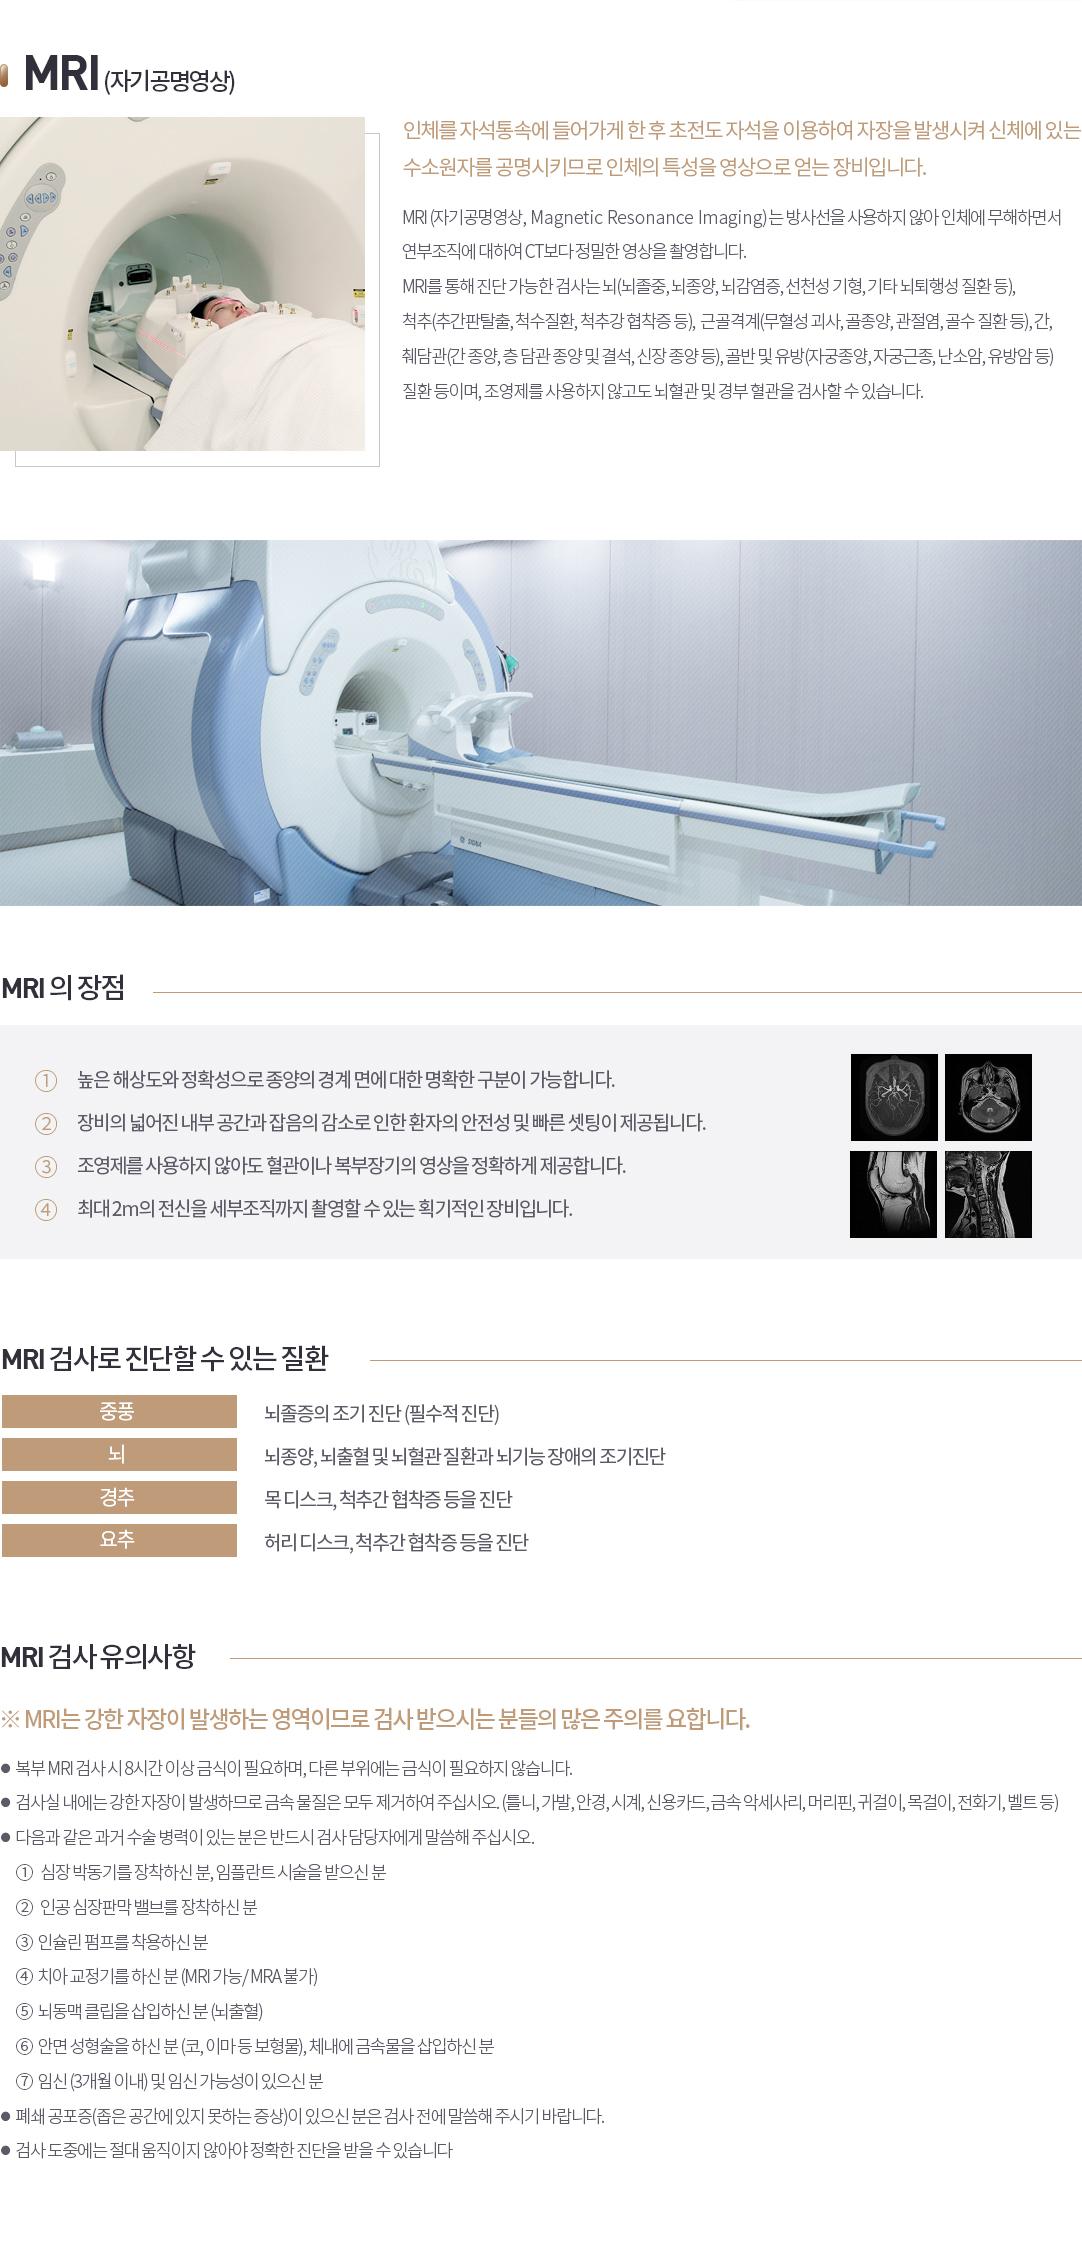 MRI_1082